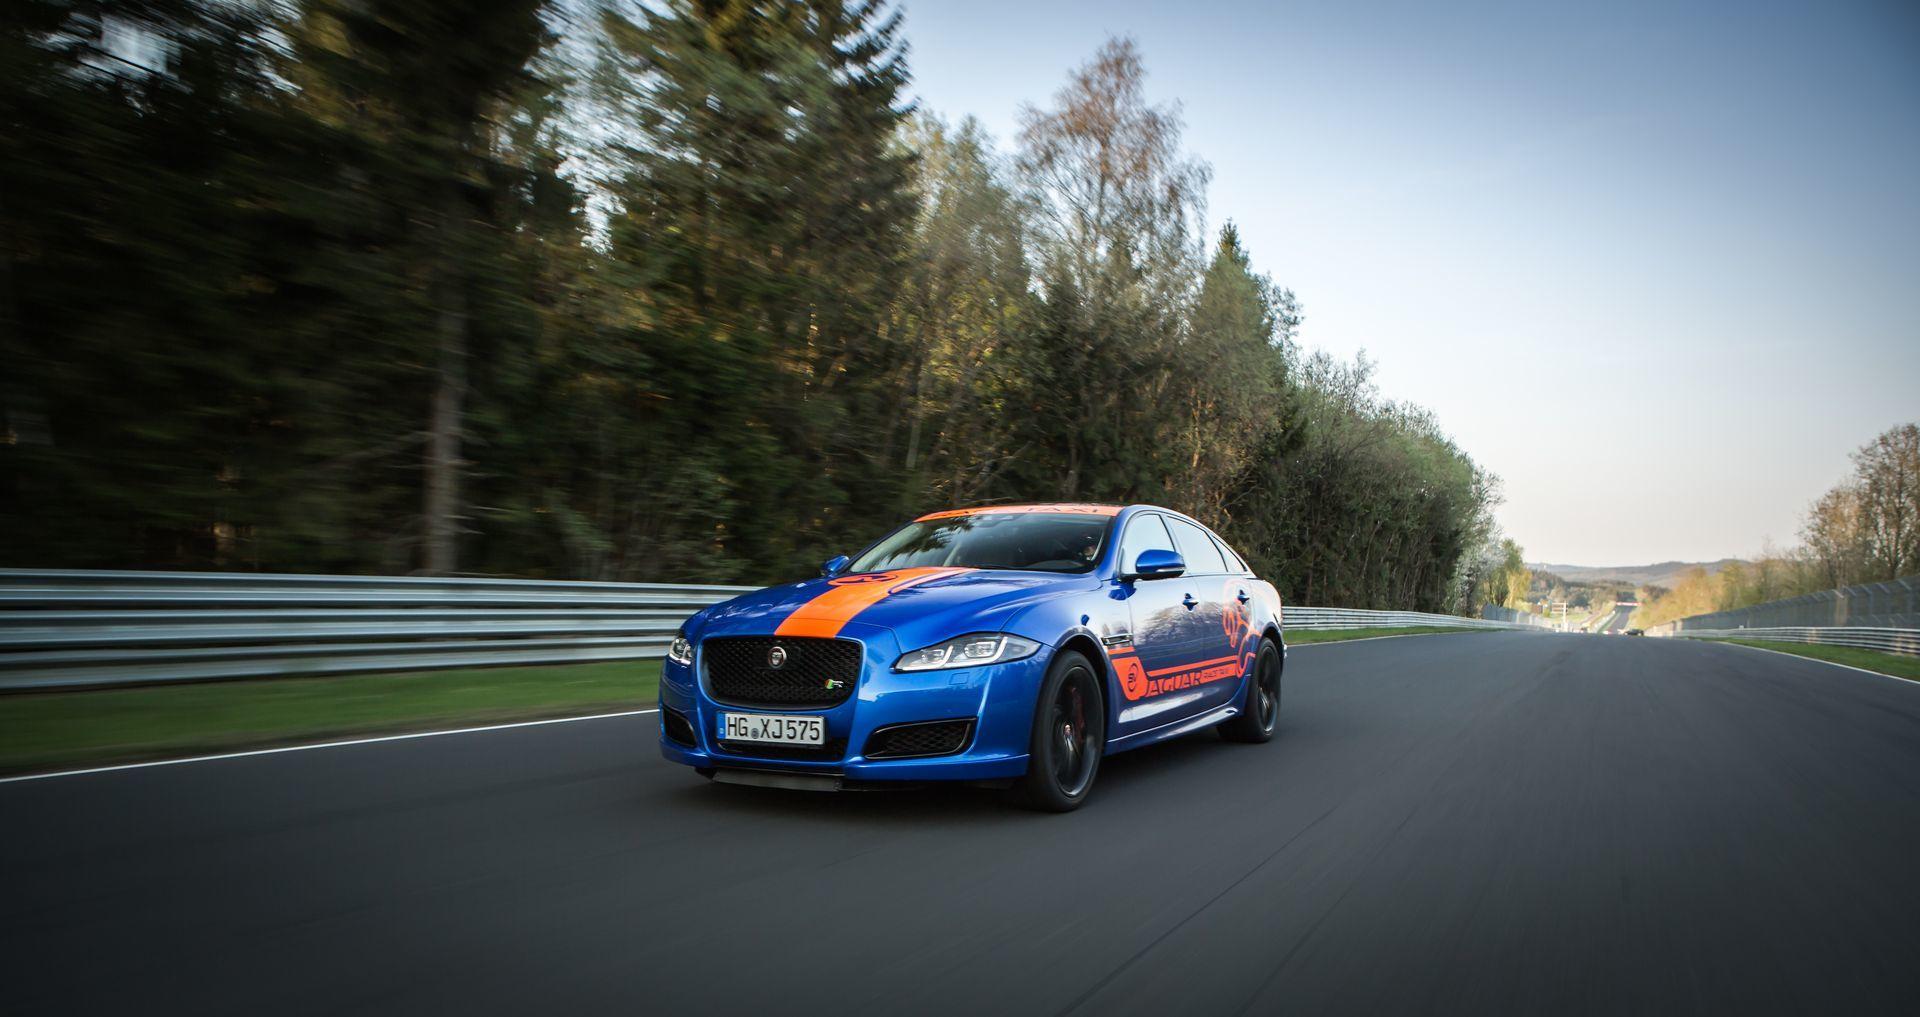 Jaguar Race Taxi Nurburgring 7